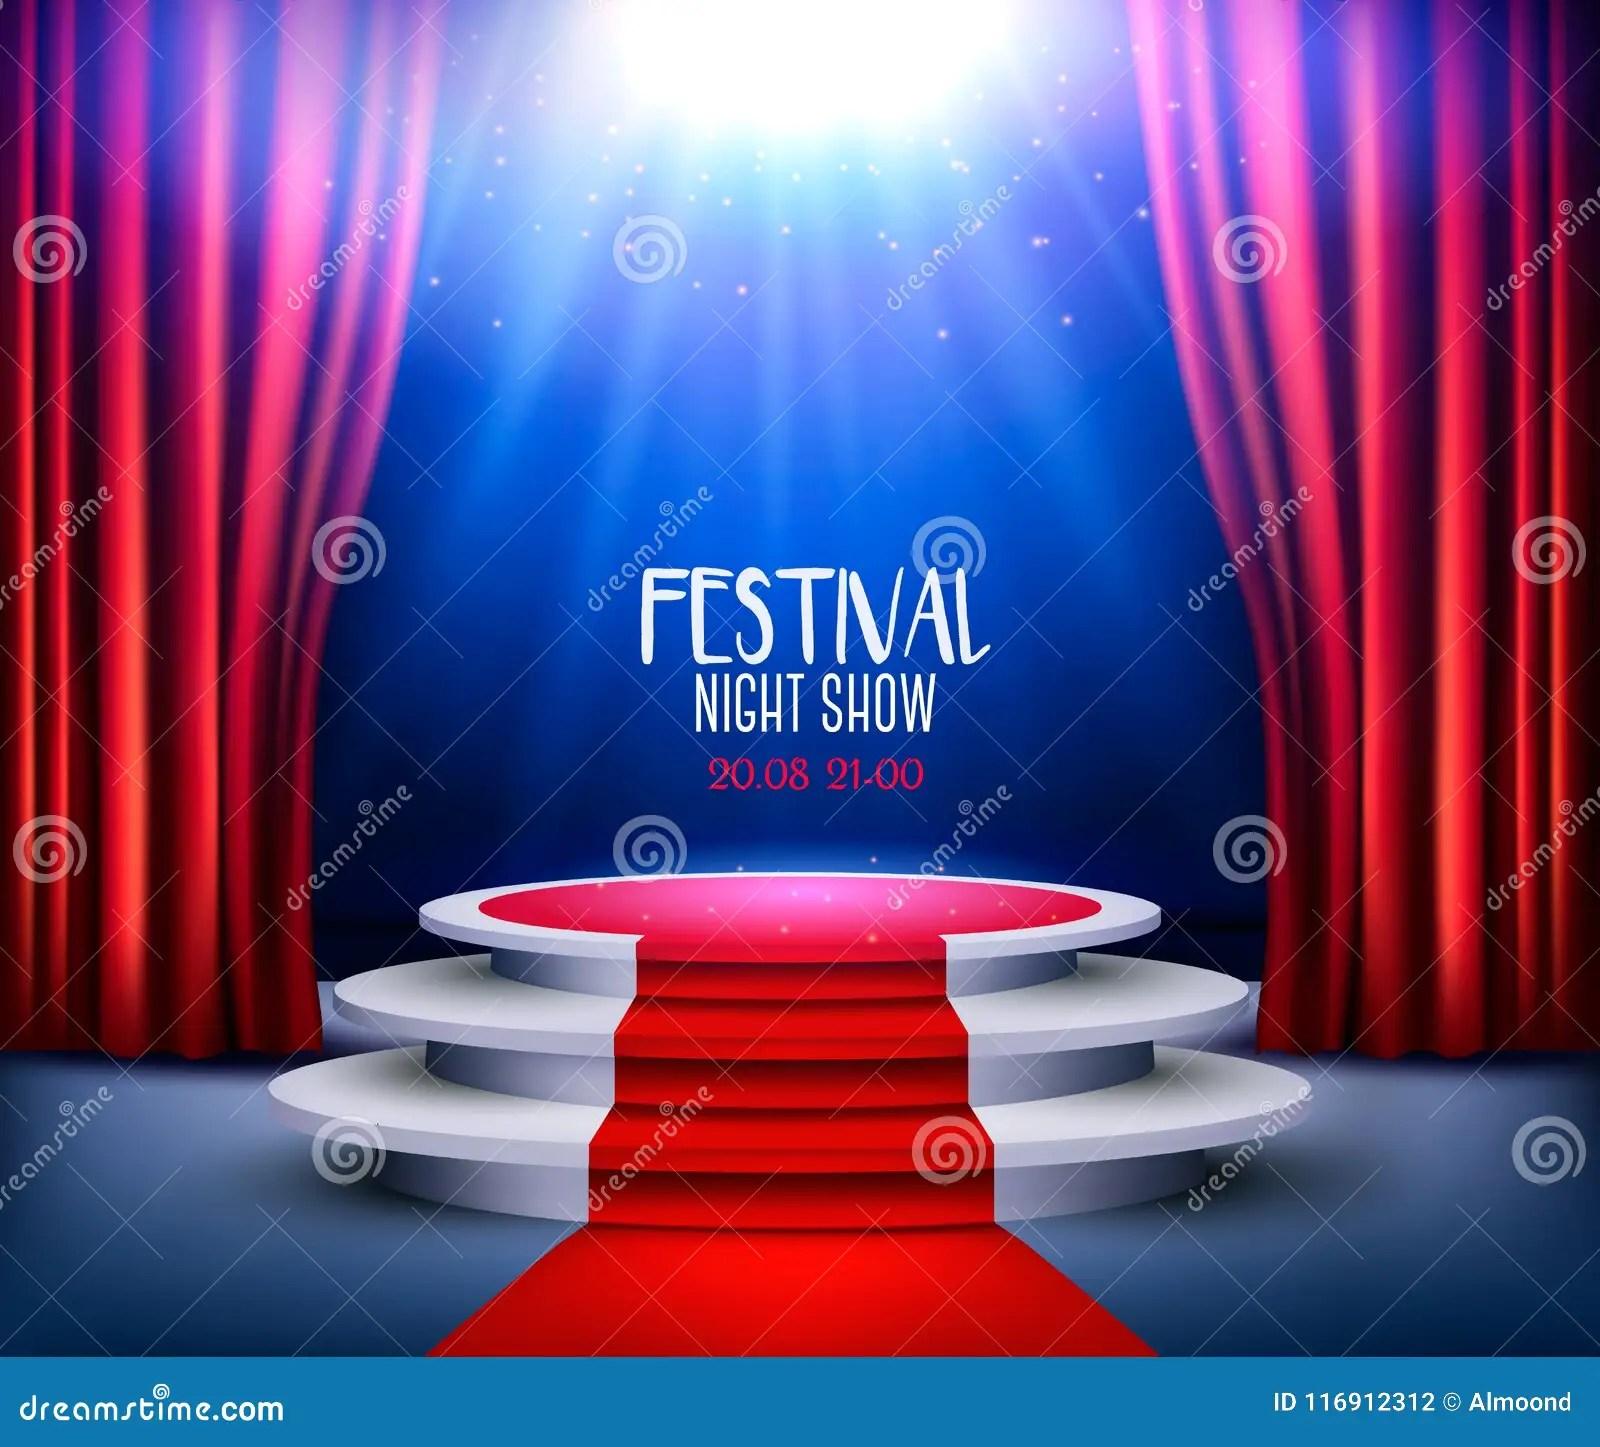 https fr dreamstime com fond salle d exposition tapis rouge projecteur image116912312